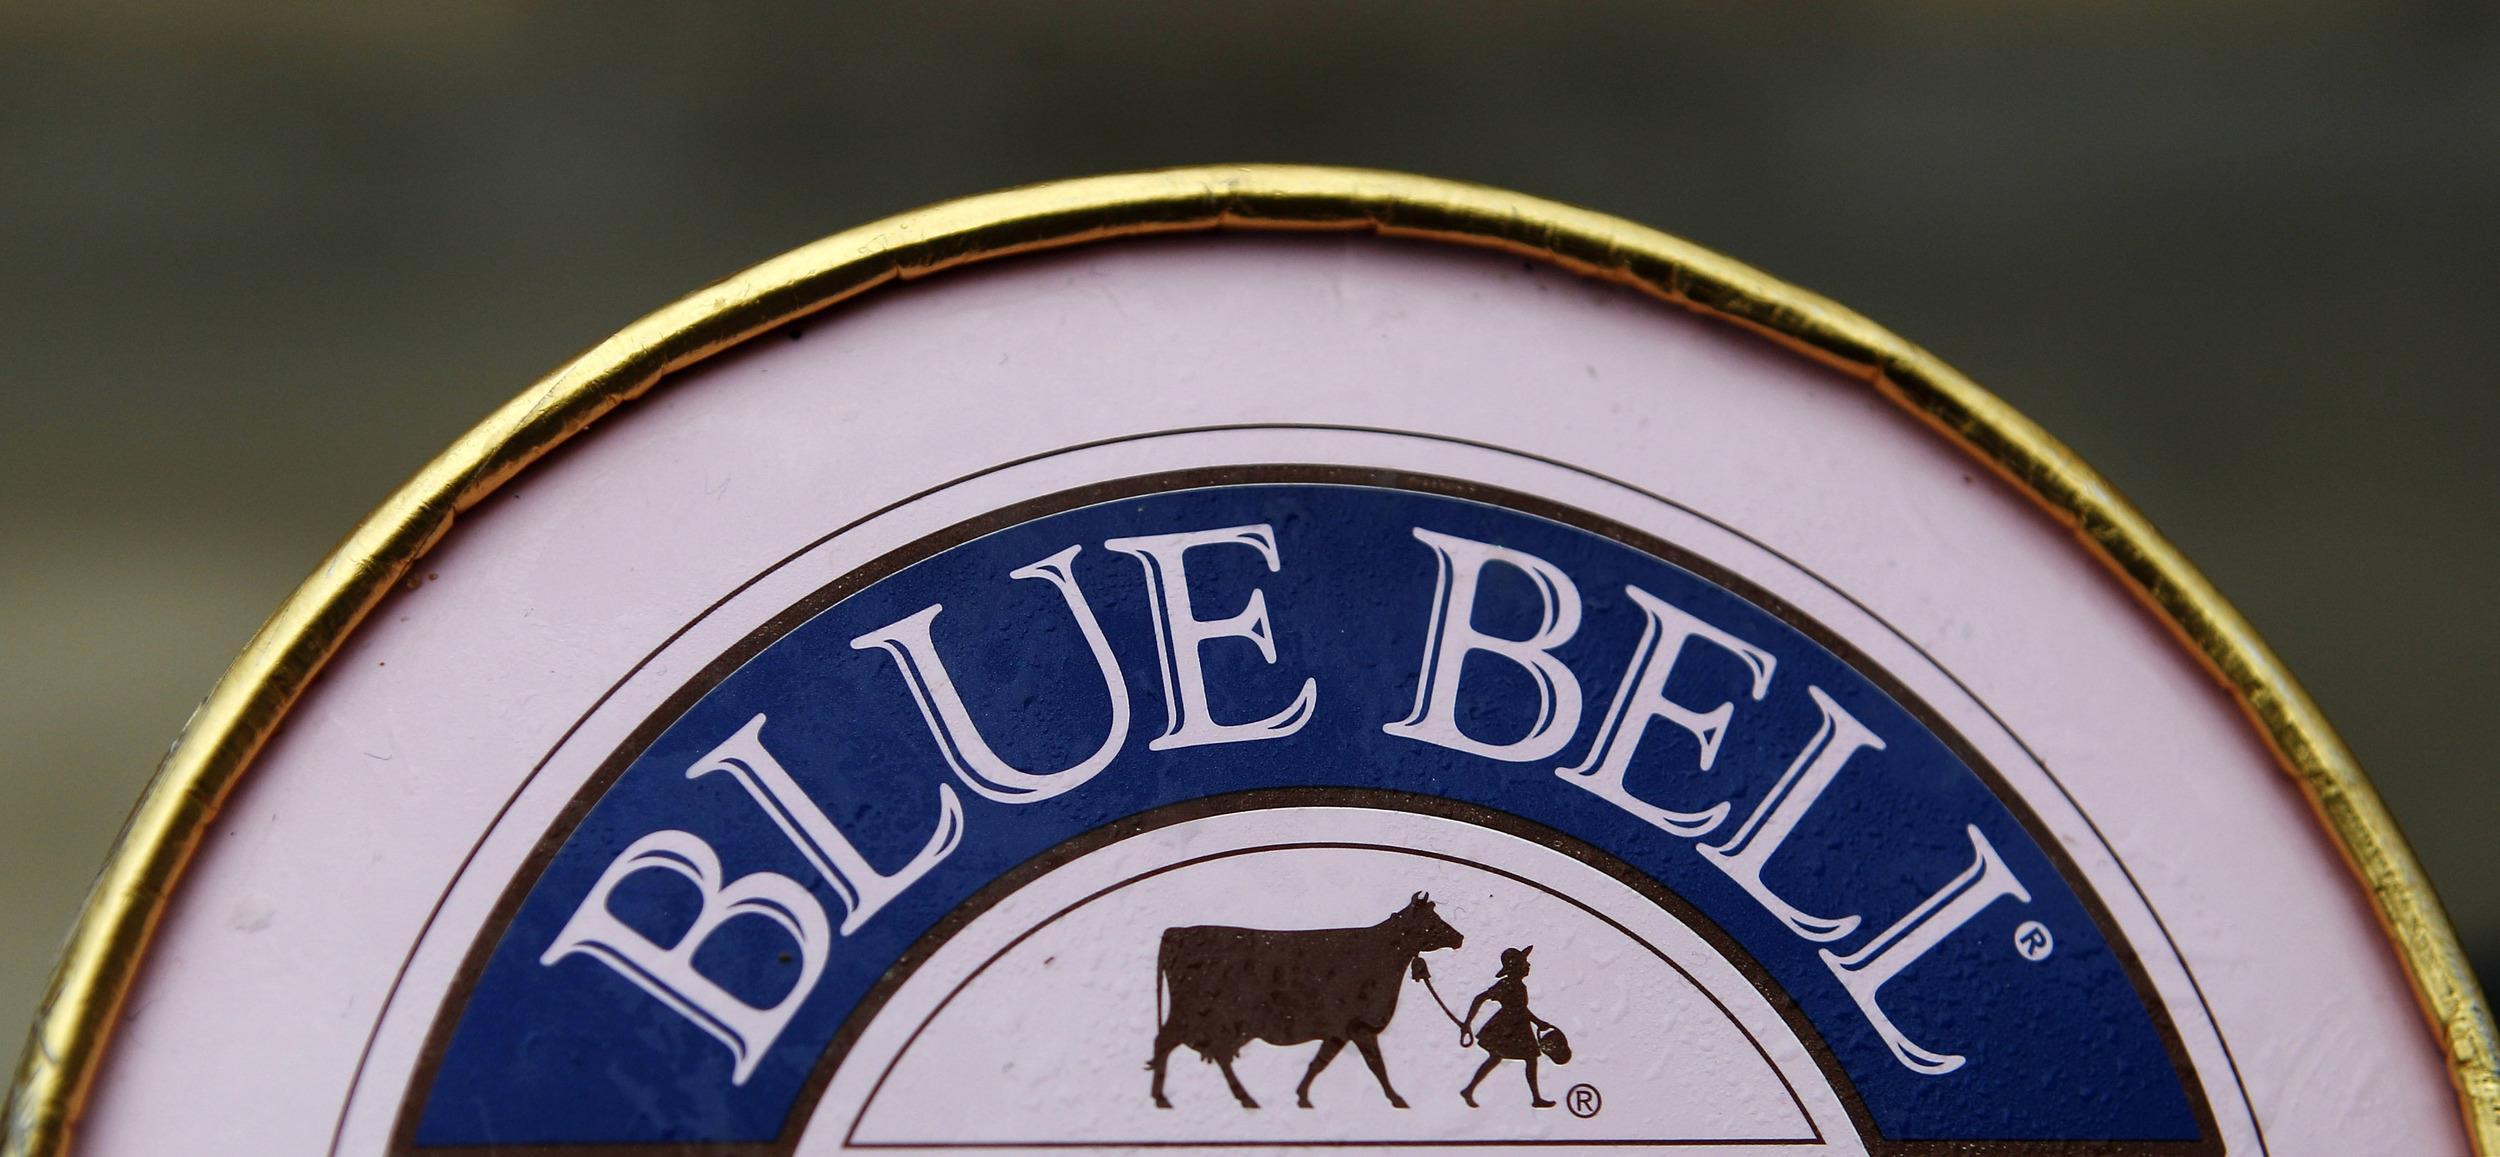 blue bell ice cream_83545